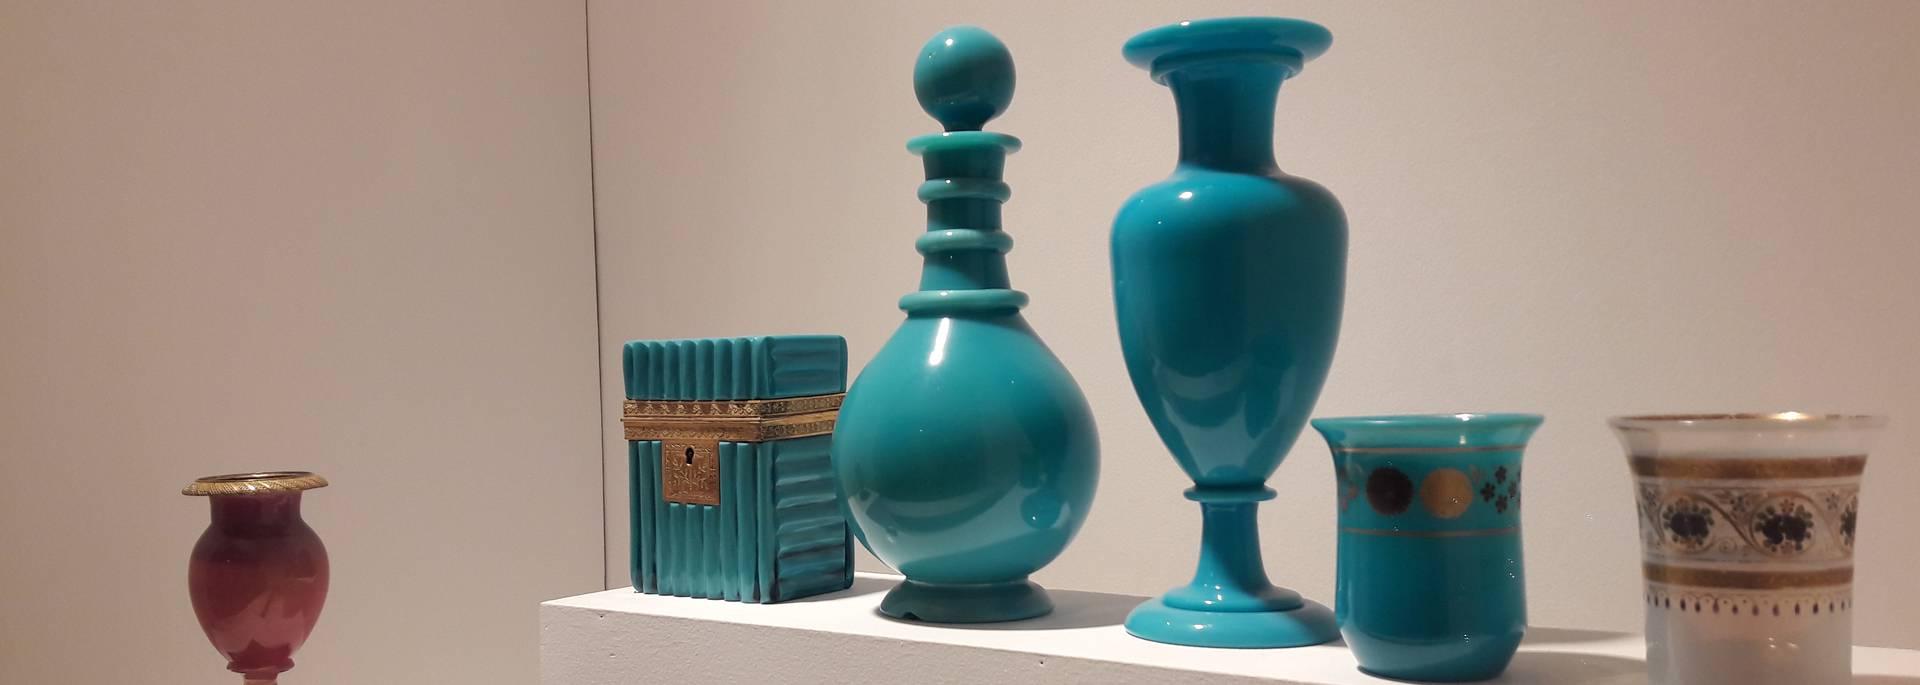 Exemples d'opalines au Musée de l'homme et de l'industrie, Le Creusot. © Creusot Montceau Tourisme.